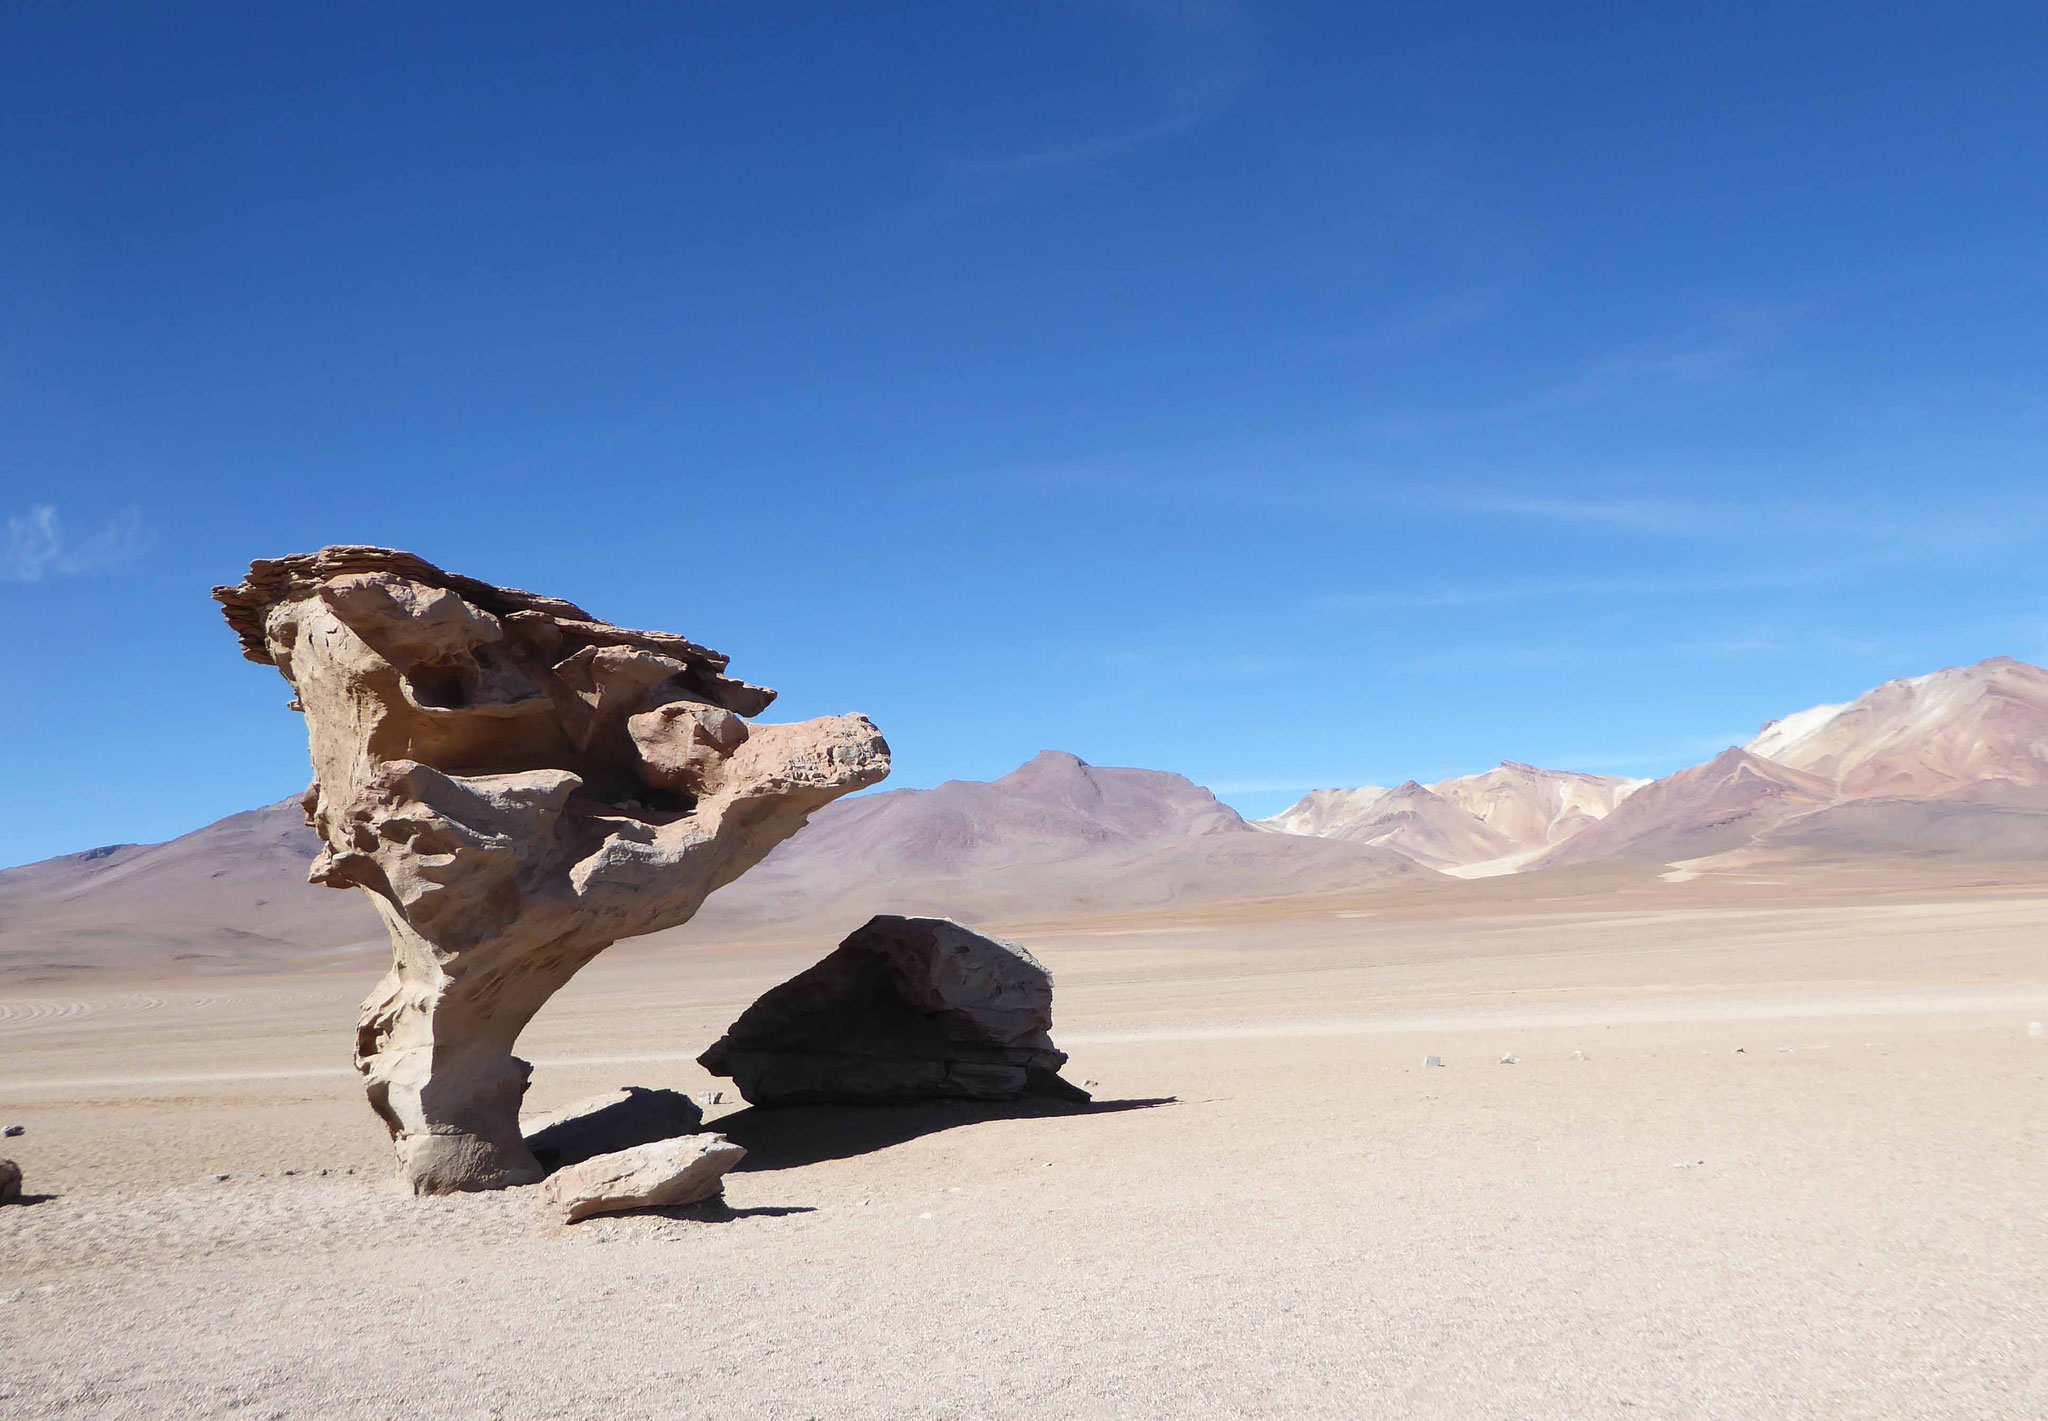 Le non moins célèbre arbre de pierre dans le désert Siloli